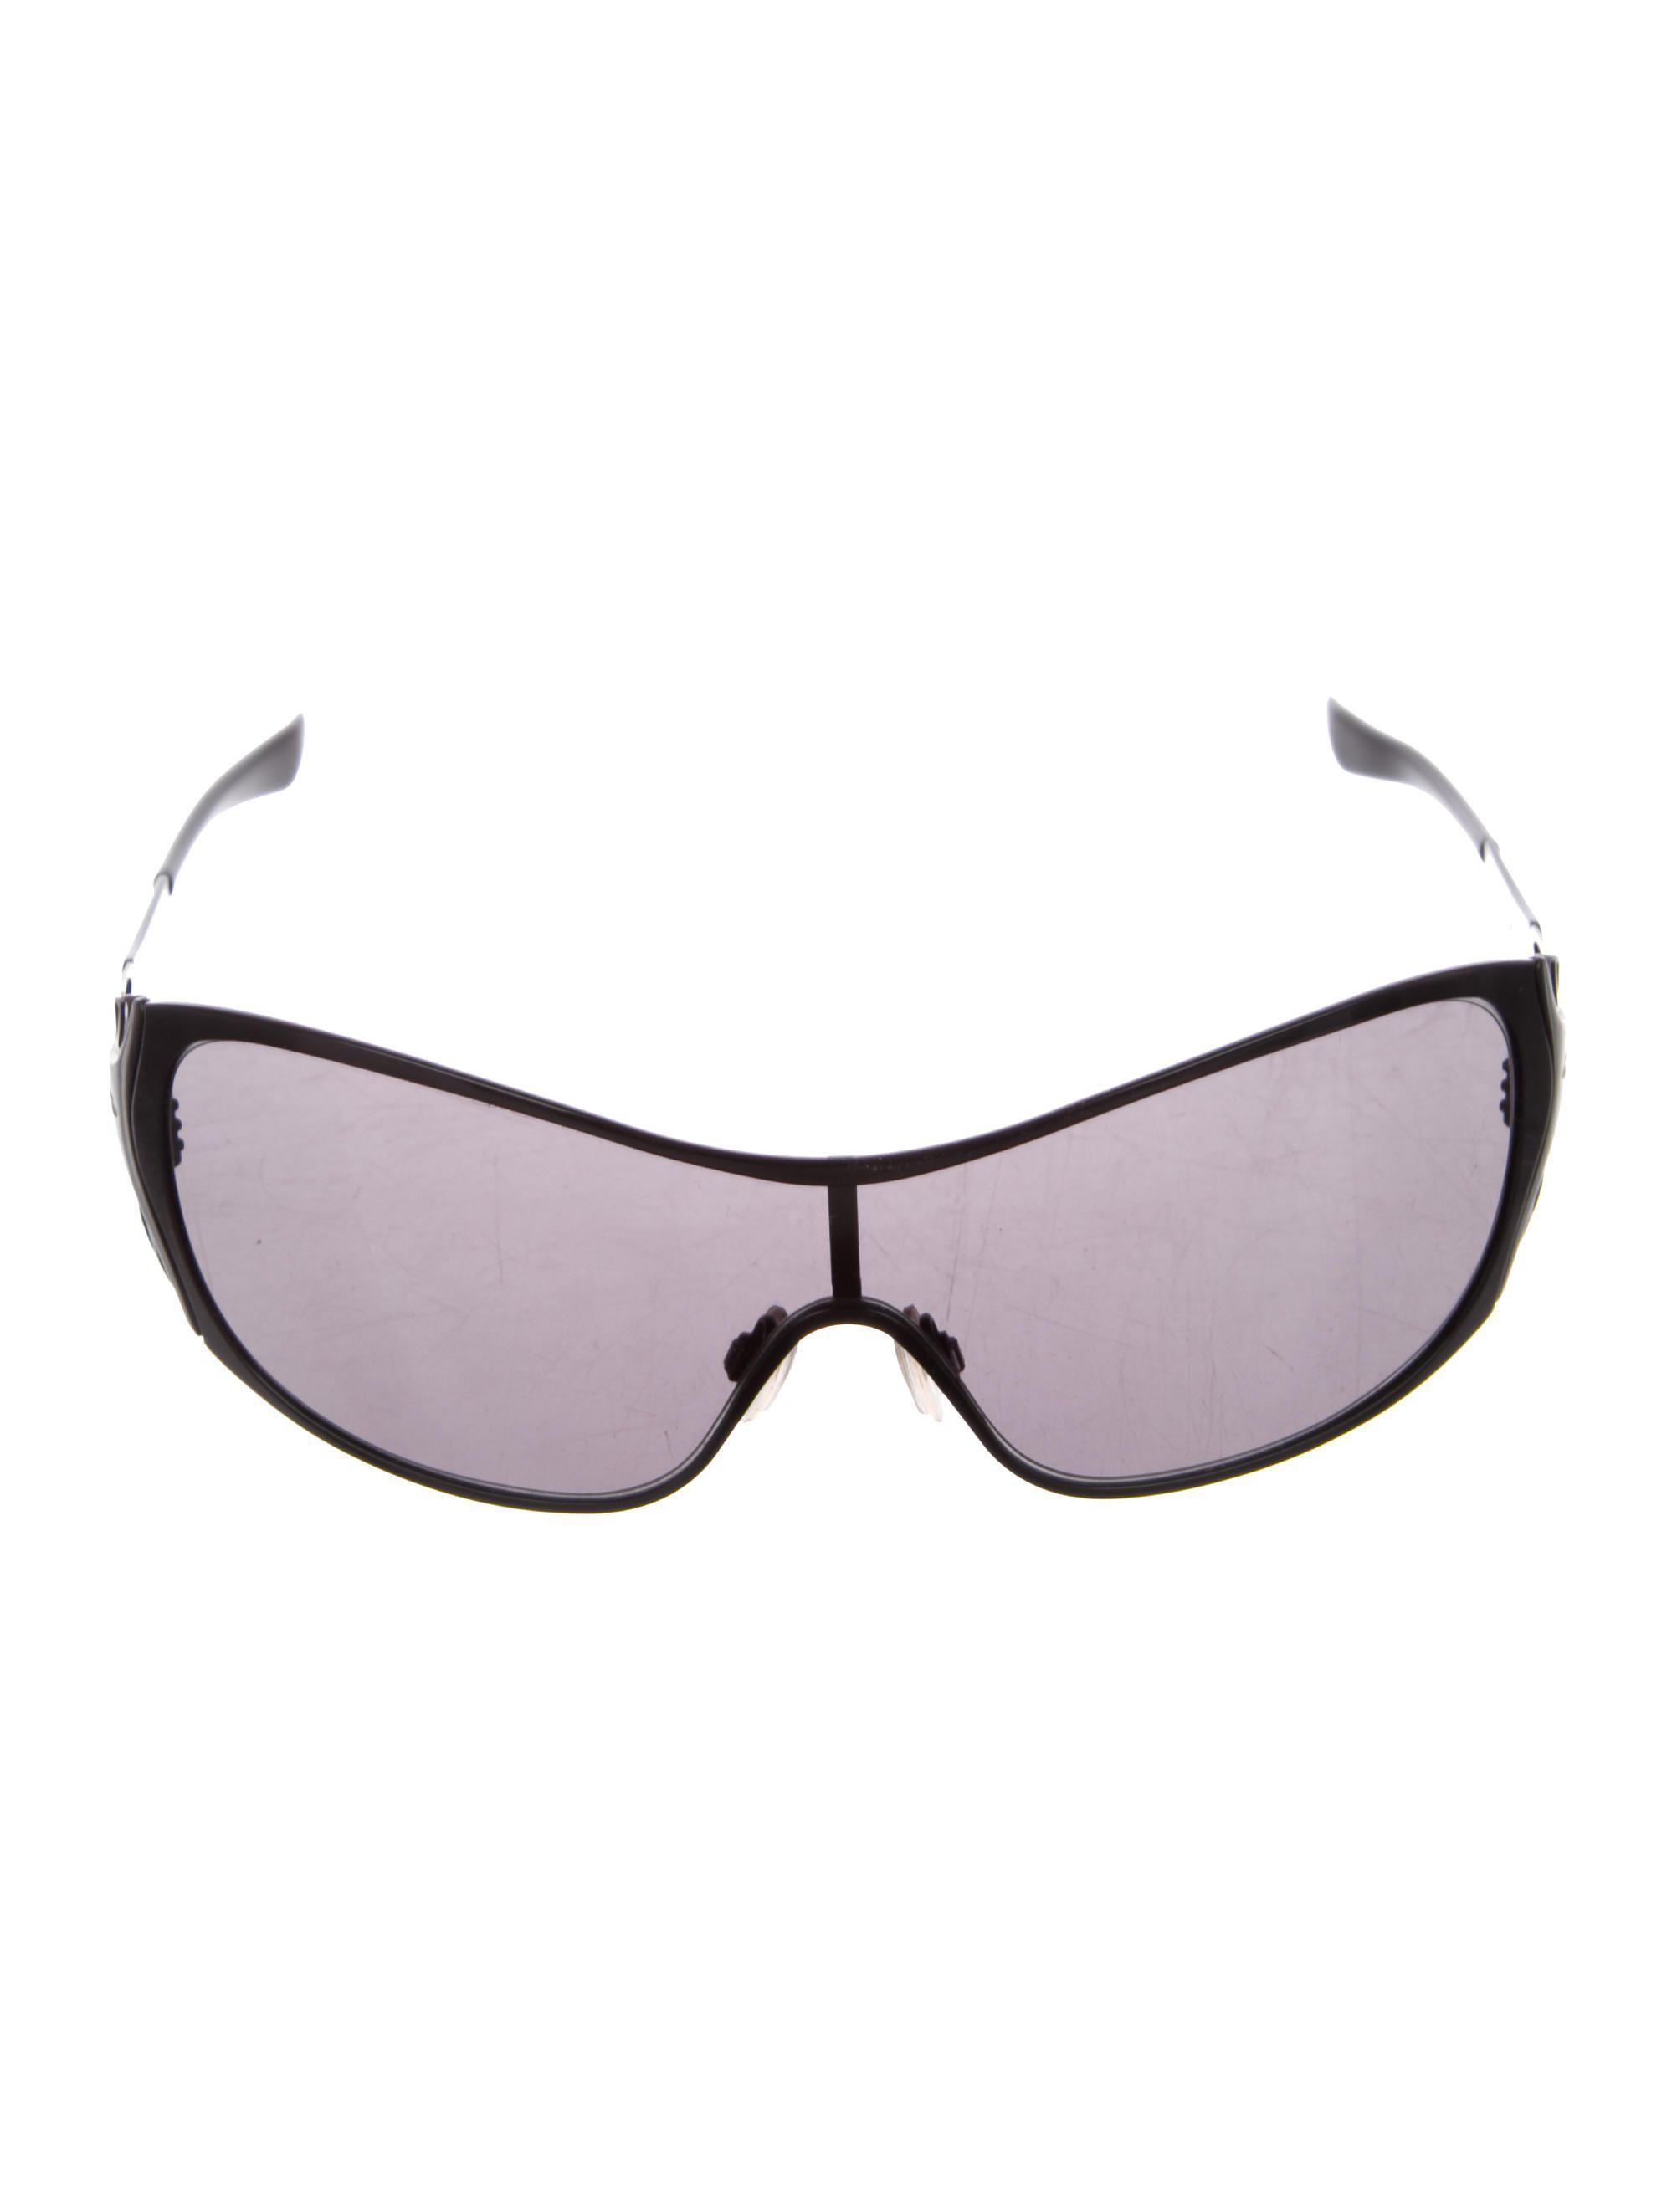 37e18070a1e76 ... best price oakley. womens black liv shield sunglasses cbece 1e96f